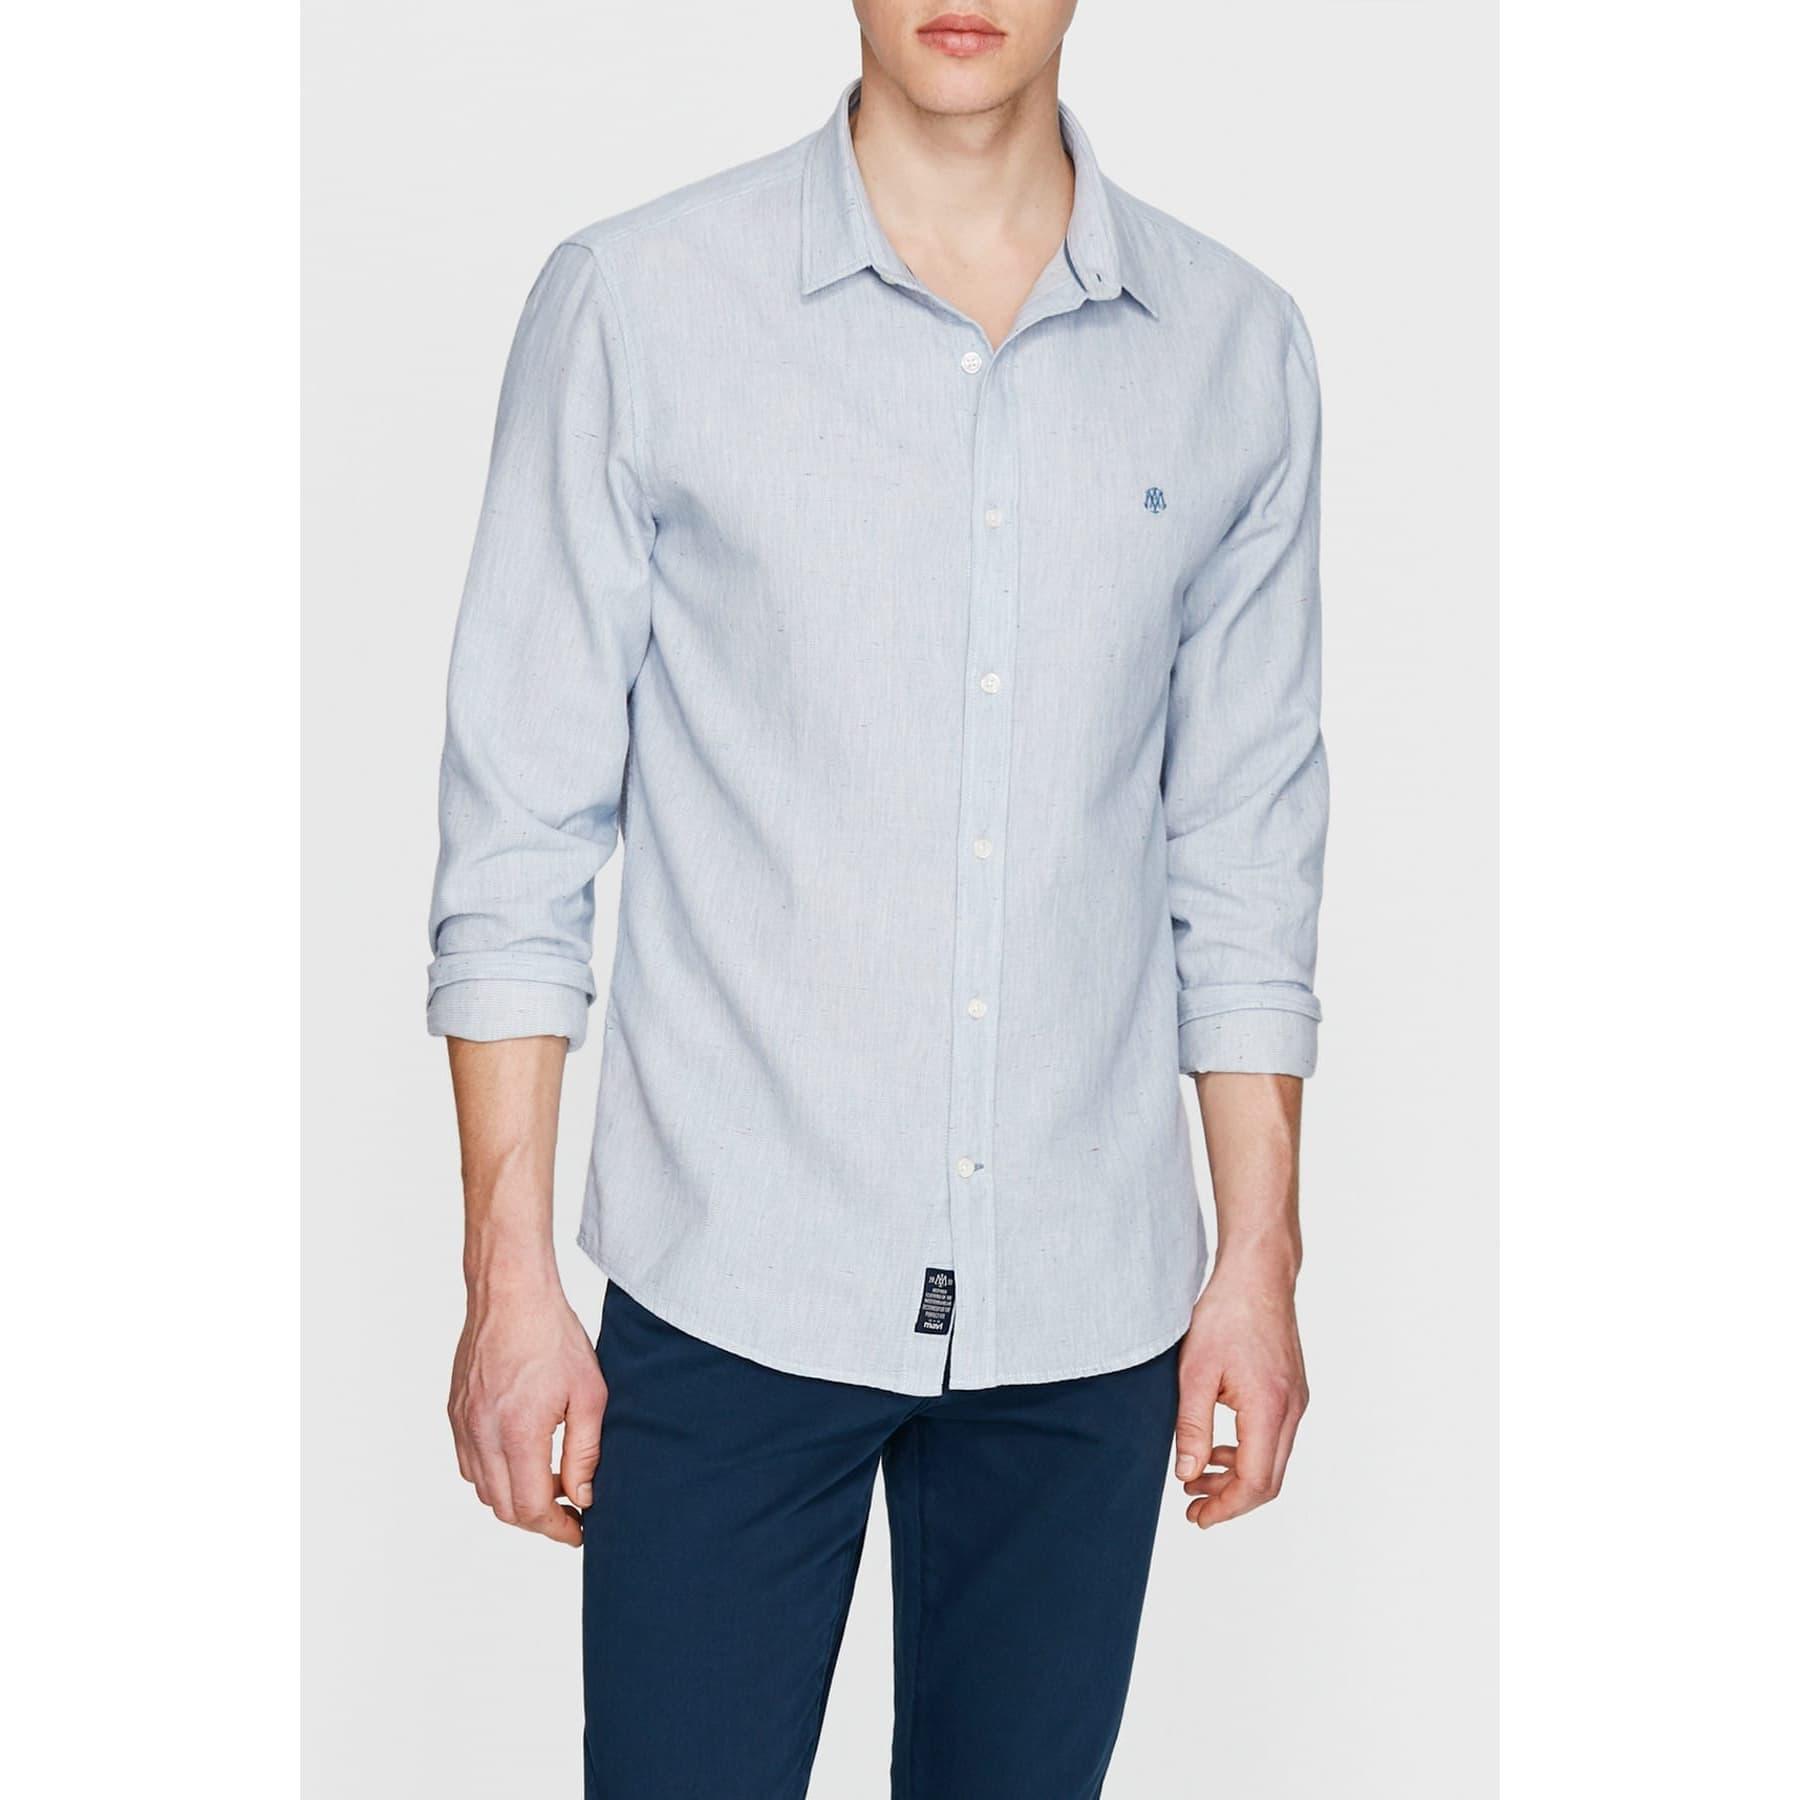 Erkek Soft Mavi Uzun Kol Gömlek (021162-28419)